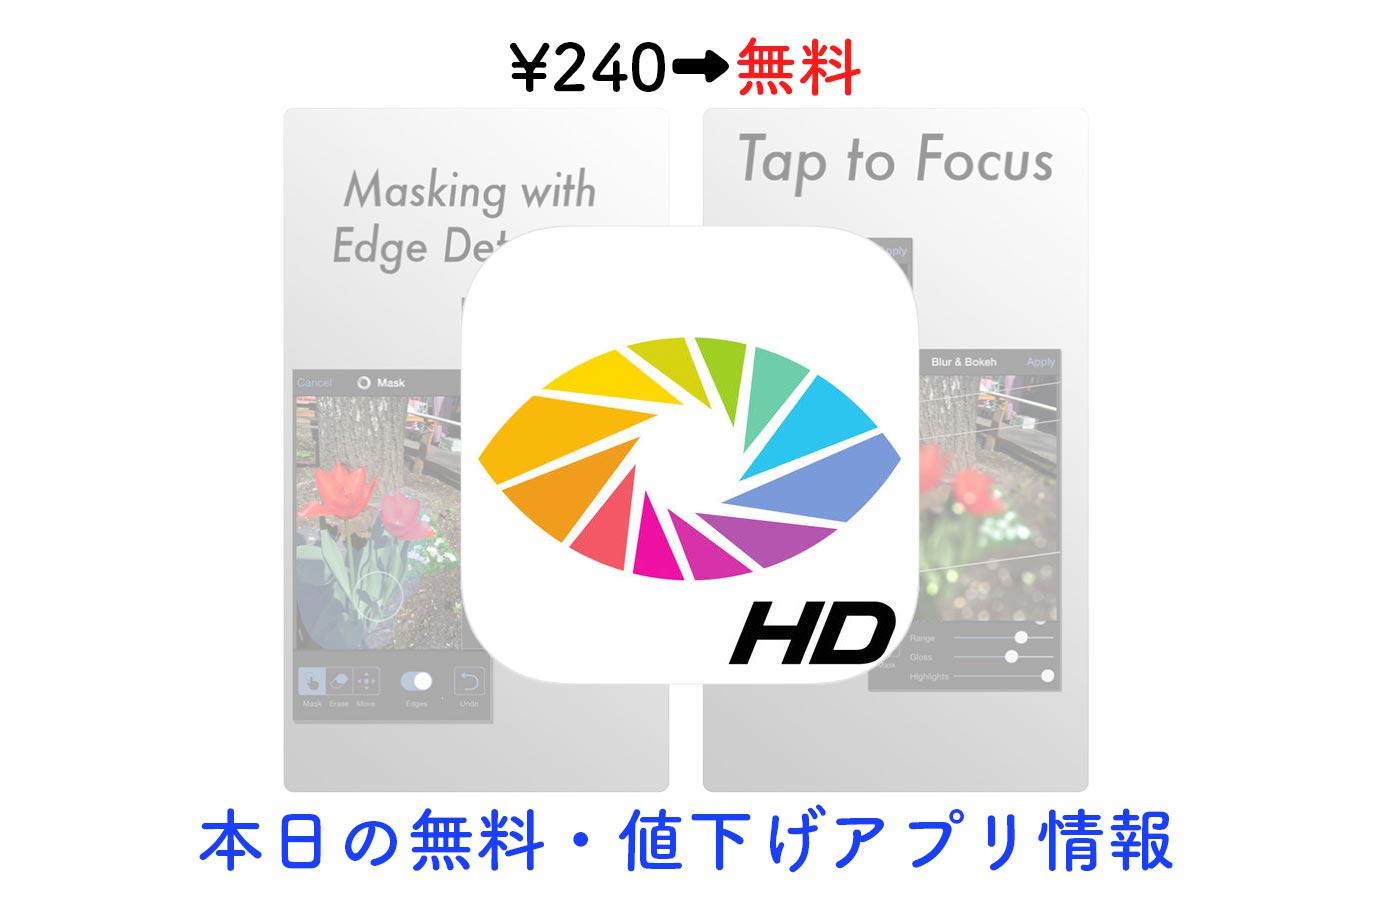 ¥240→無料、逆光で撮影した写真をキレイに補正できる「OrasisHD」など【3/9】本日の無料・値下げ情報